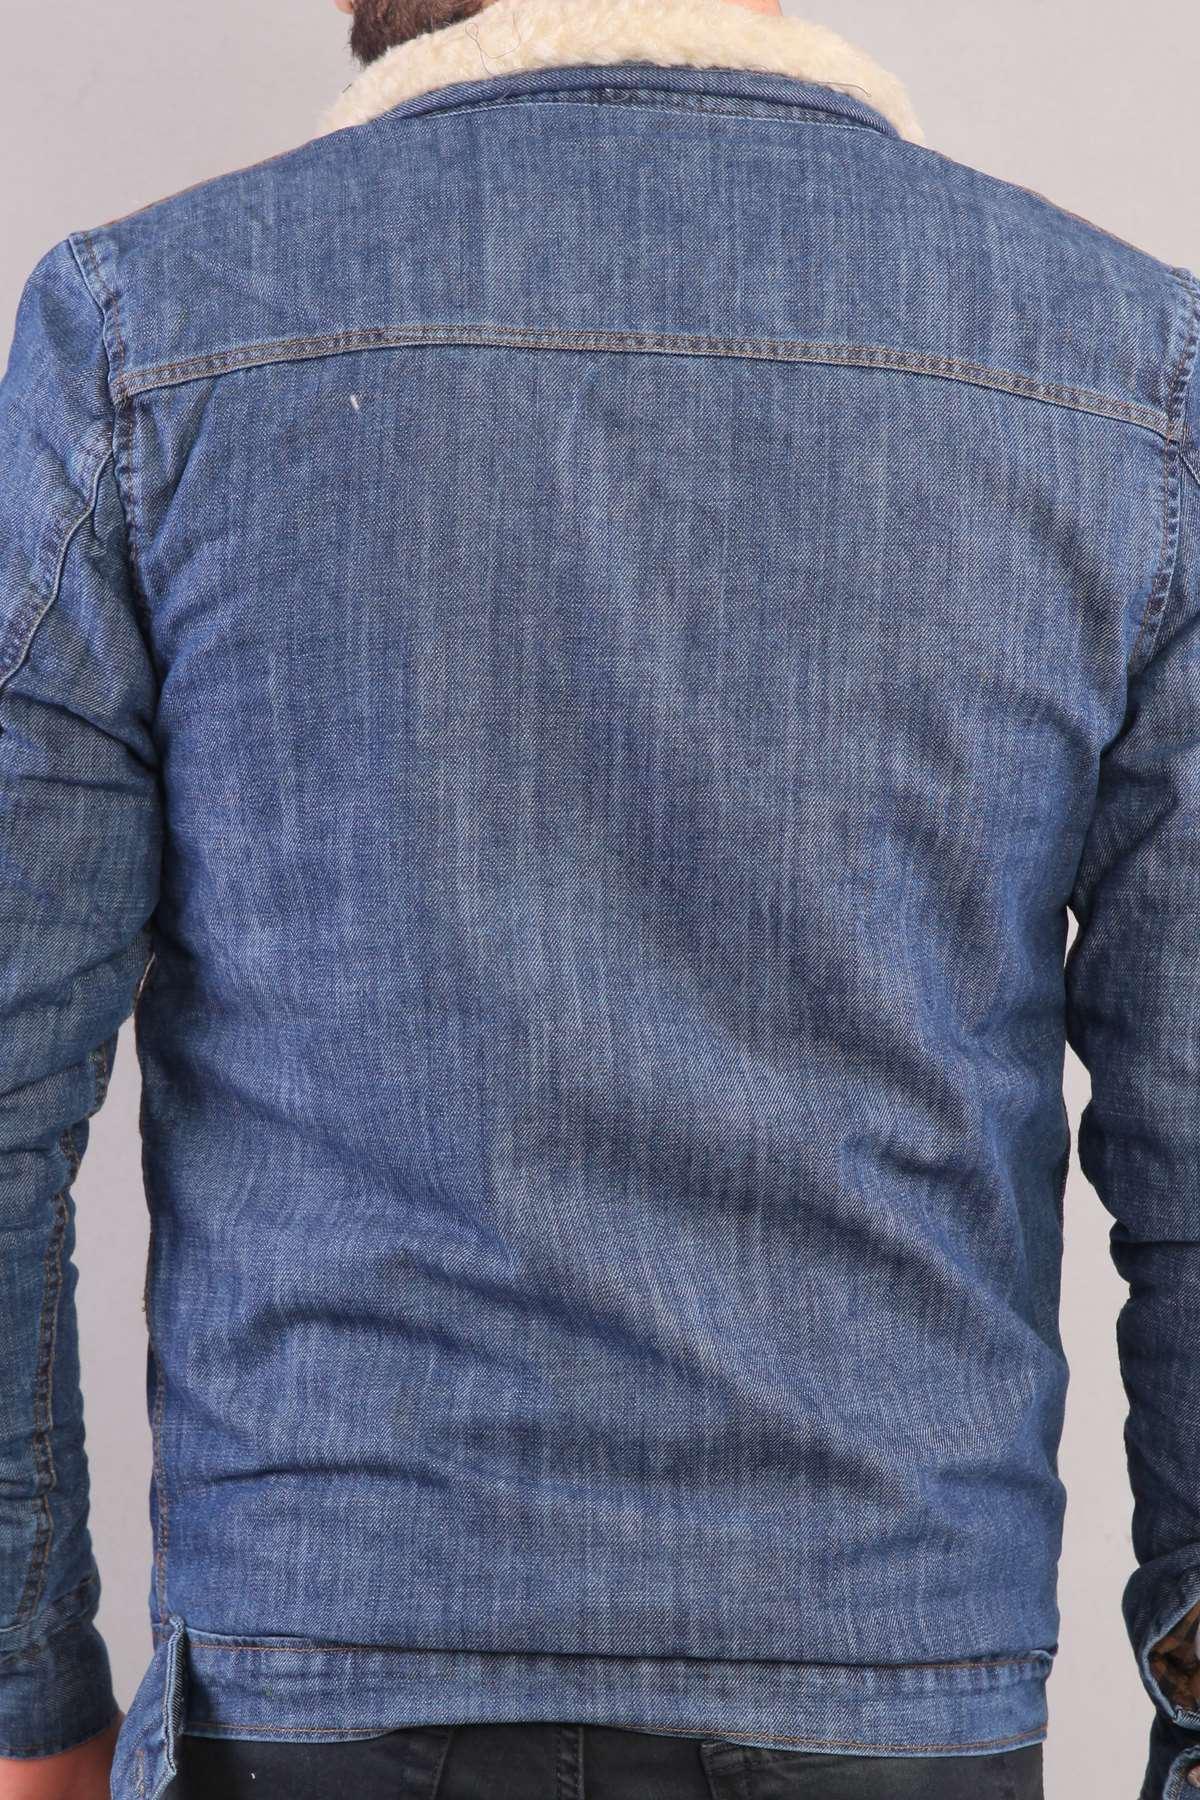 İçi Kürklü Göğüs Çift Cepli Kot Mont Koyu-Mavi